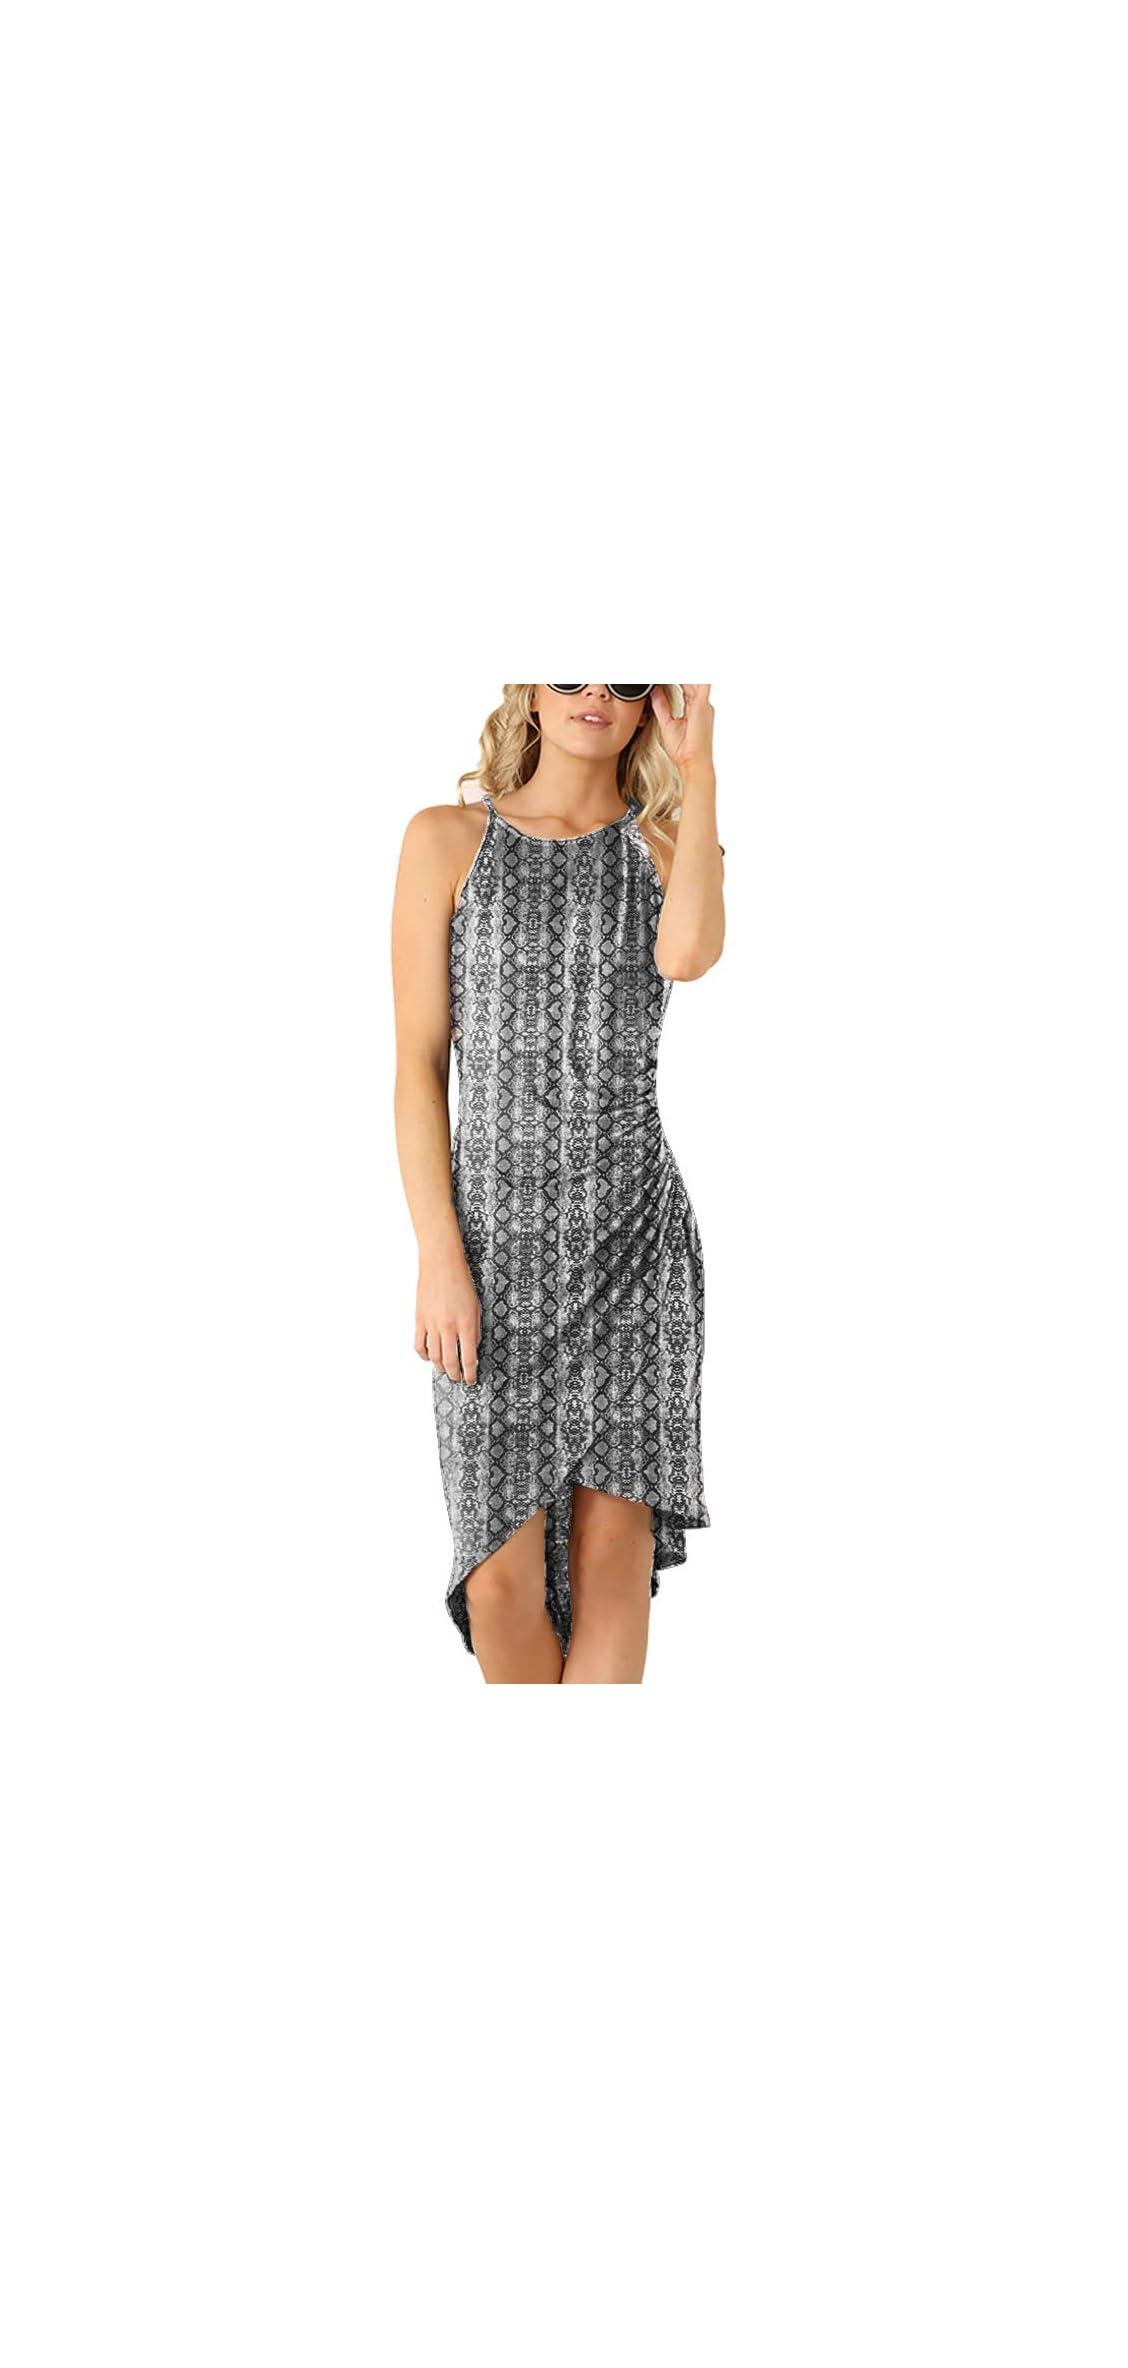 Women's Casual Spaghetti Strap Summer Dress Bodycon